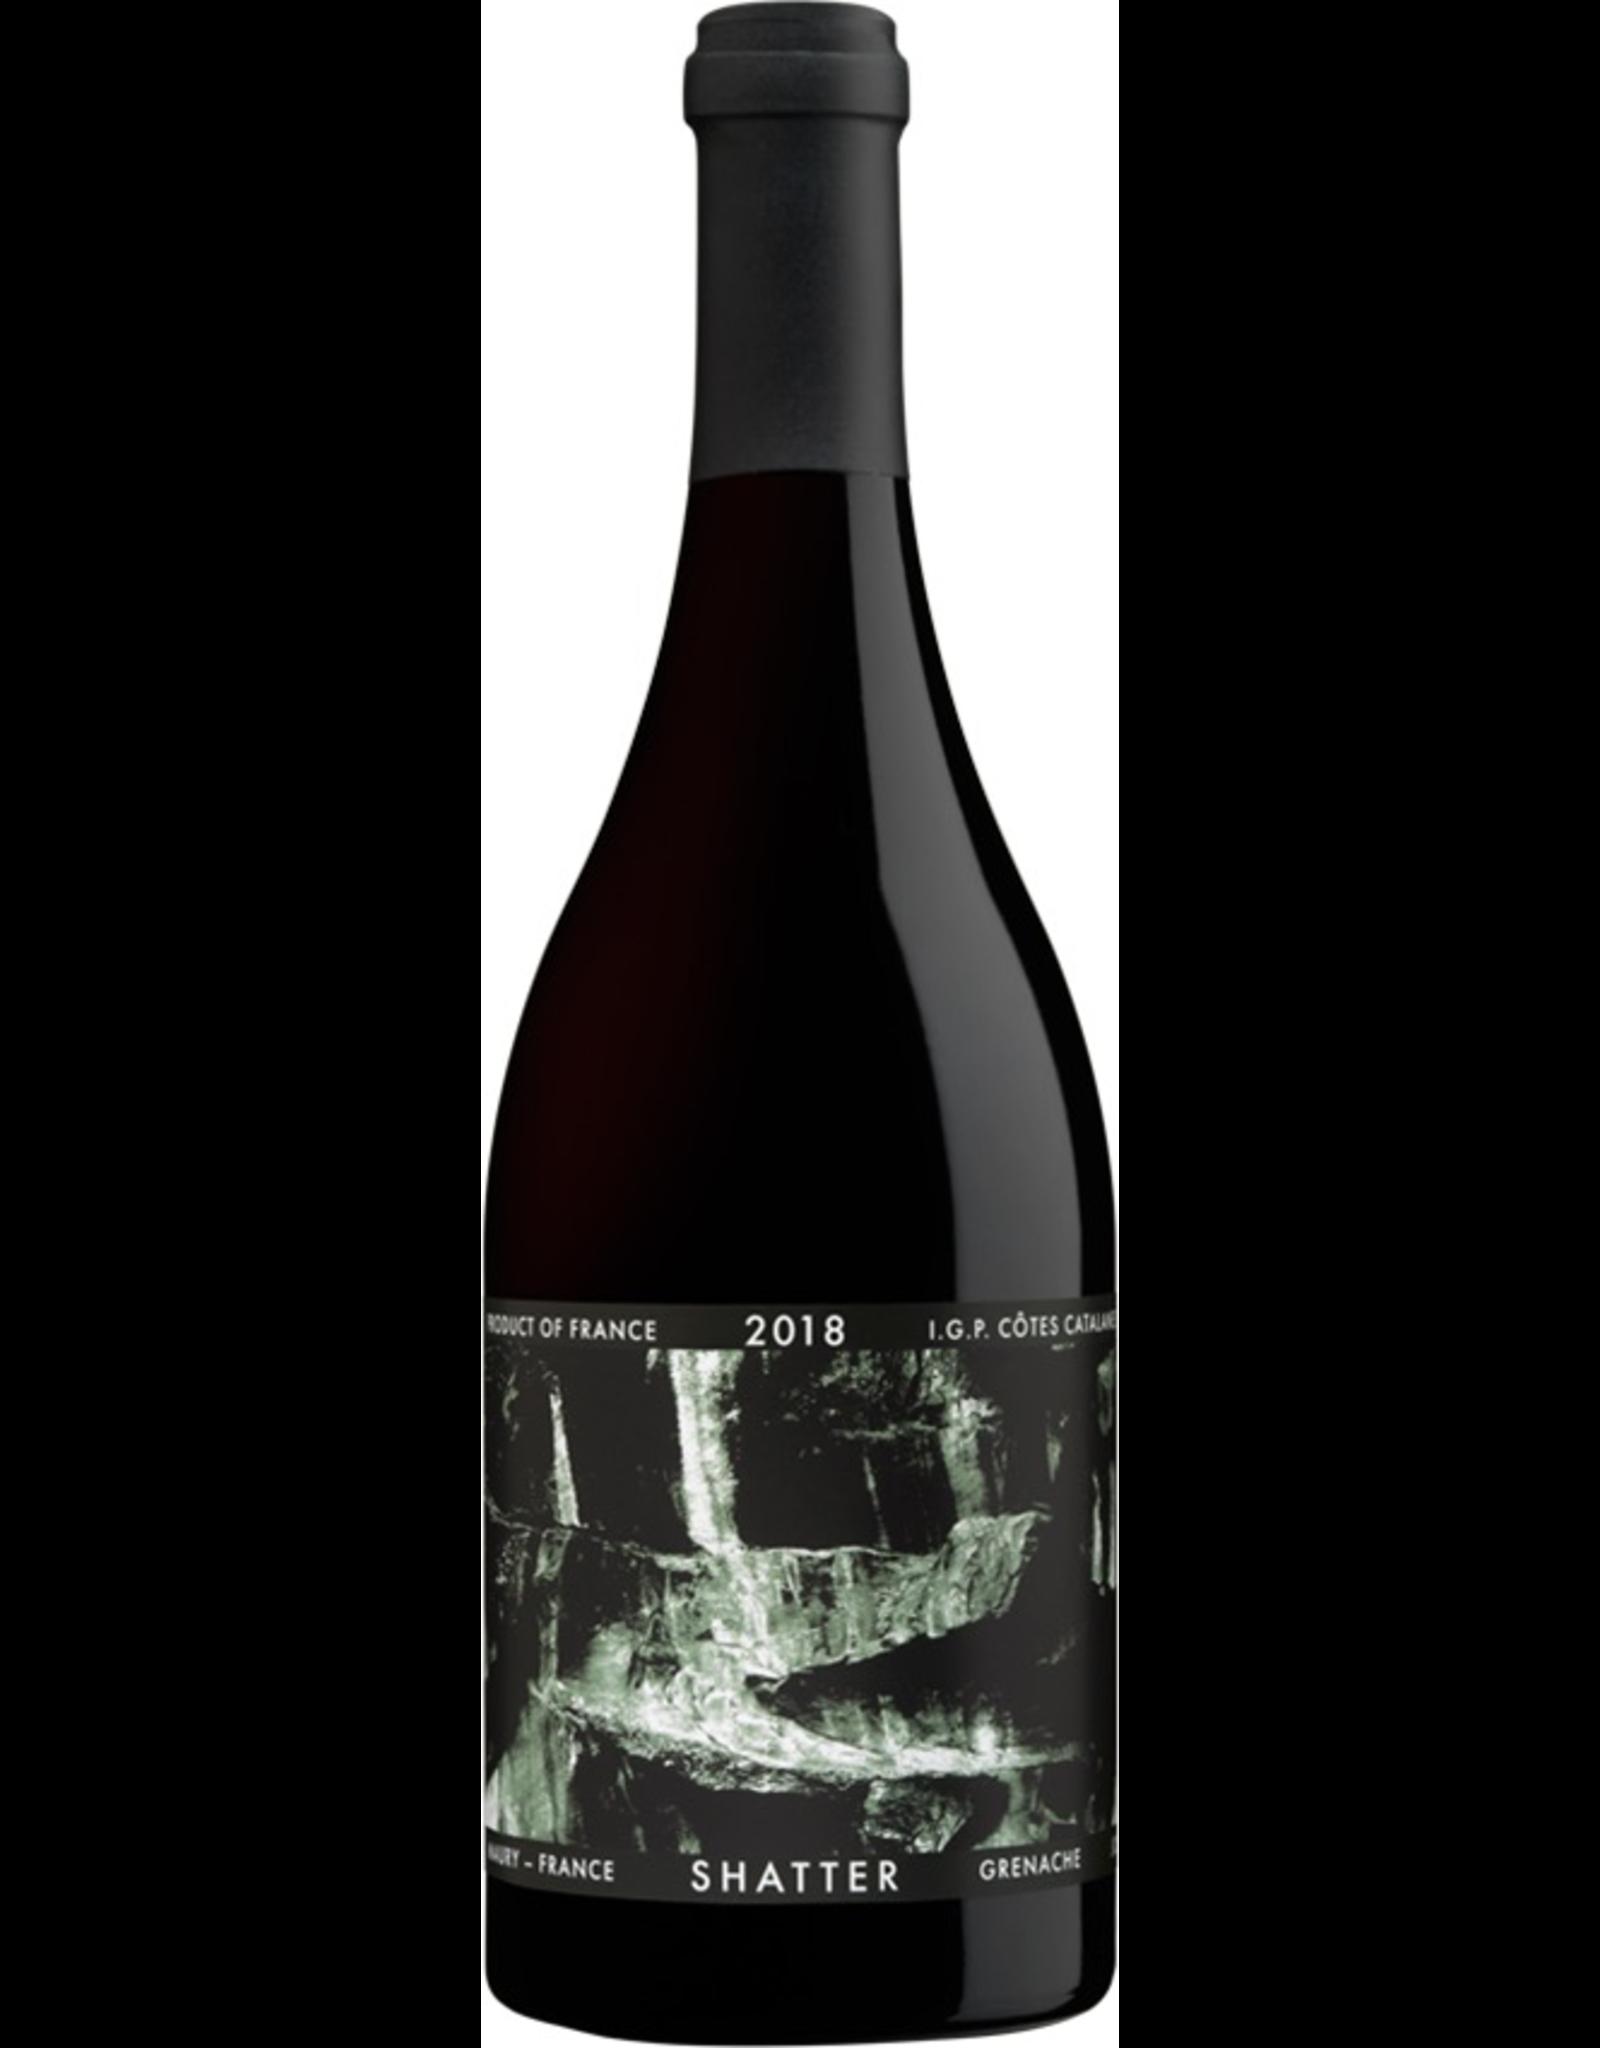 Red Wine 2018, Shatter by Goel Gott & Charles Bieler, Grenache, Vin de Pays des Cotes Catalanes, Languedoc Roussillon, France,15.6% Alc, CT89, TW92